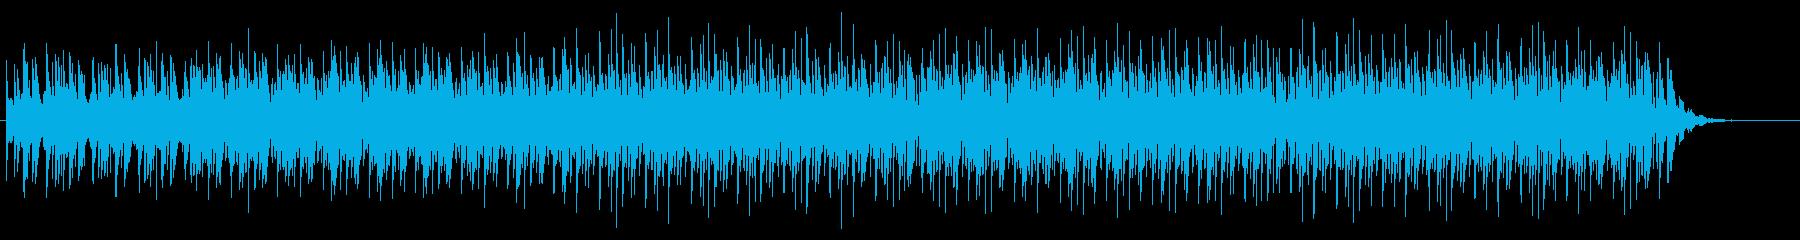 軽快で爽やかなテクノ系サウンドの再生済みの波形